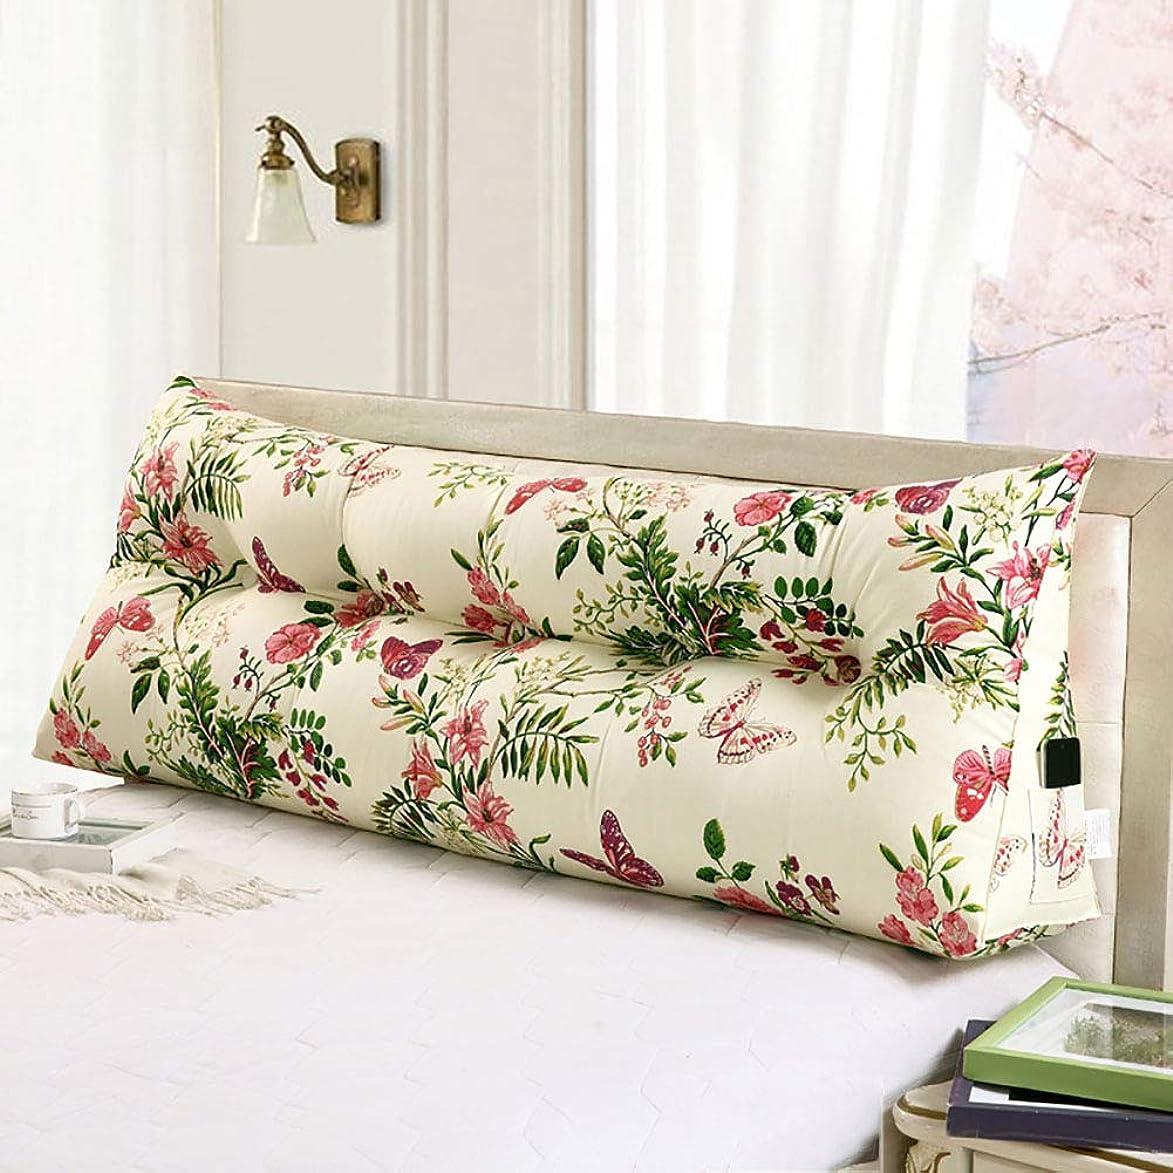 首不十分マッシュヒスイの家のような繊維のキャンバスの二重ベッドサイドの三角形の大きいクッションの背部ベッドの畳のソファーのクッション大きい背もたれ-j